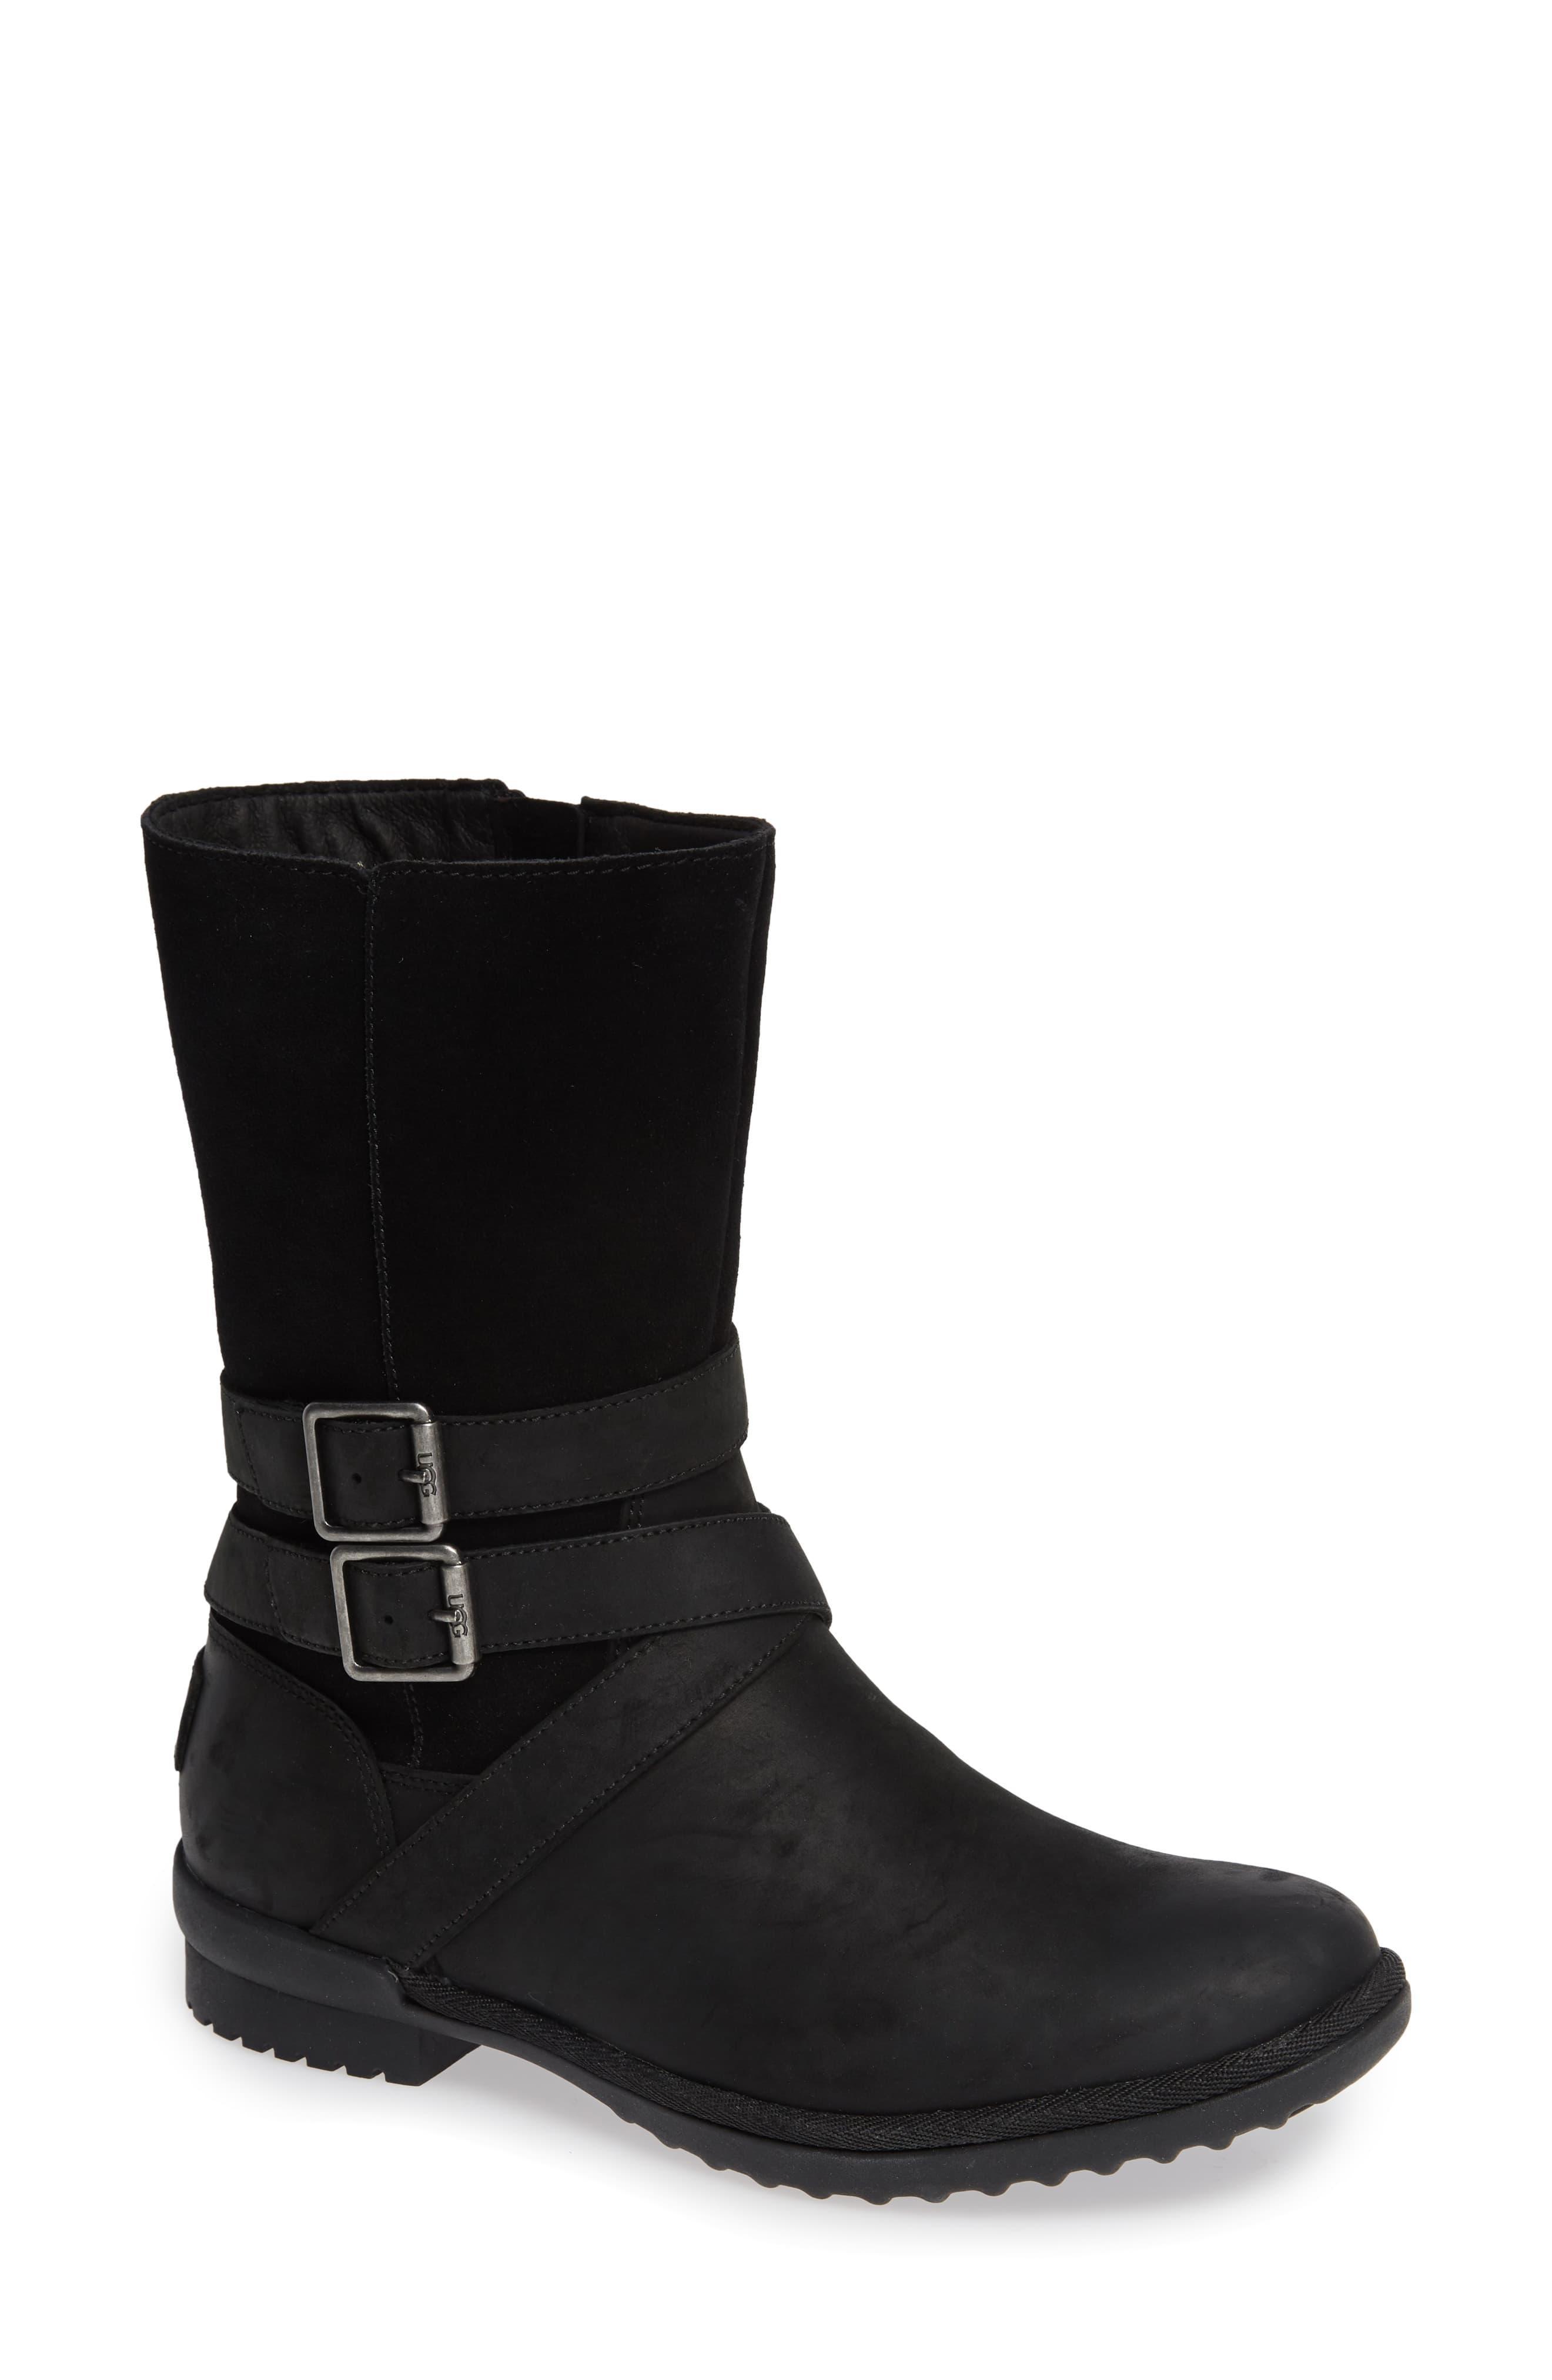 df8af0ba9d5 UGG Ugg Lorna Waterproof Bootie in Black - Lyst